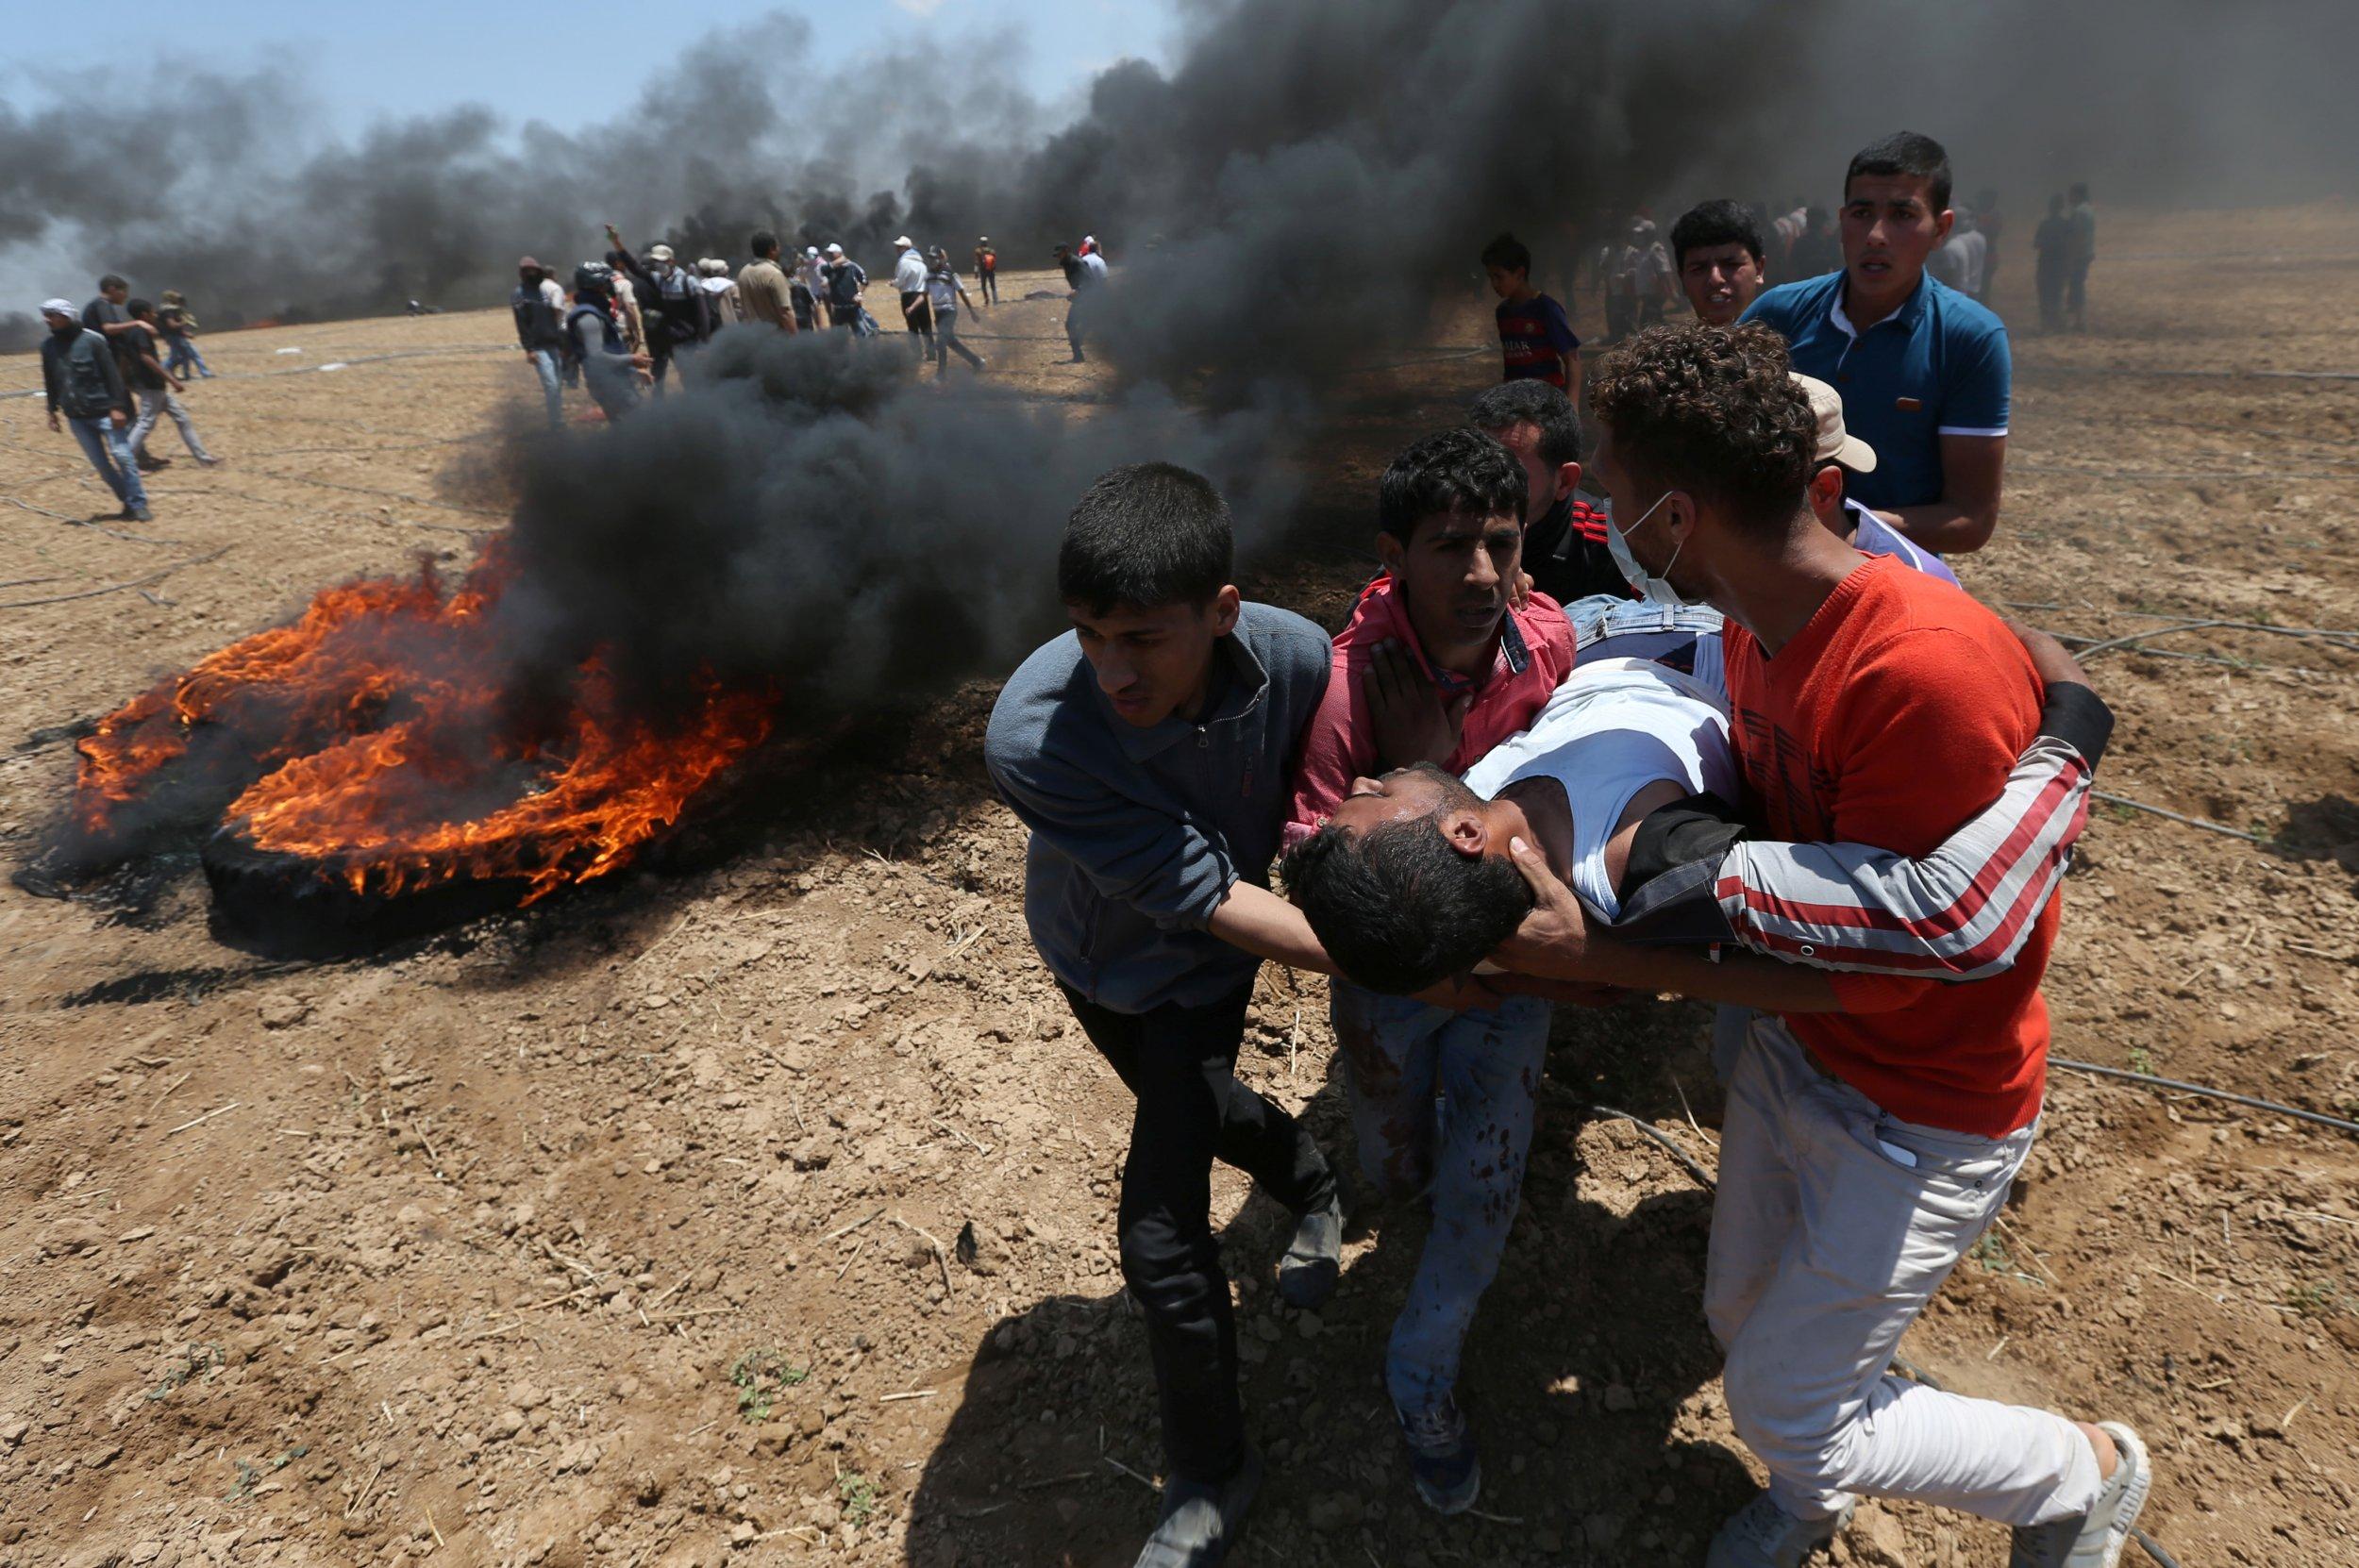 Gaza injury